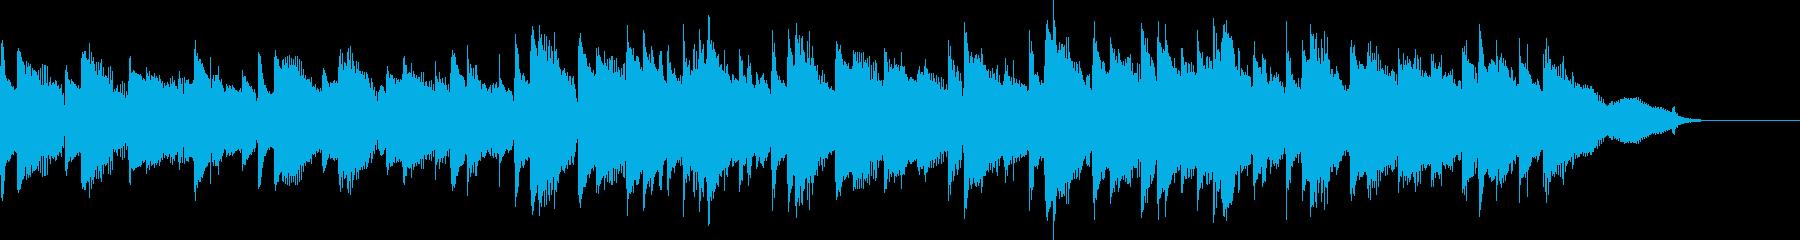 CM30秒、感動的なアコギとピアノ、日常の再生済みの波形